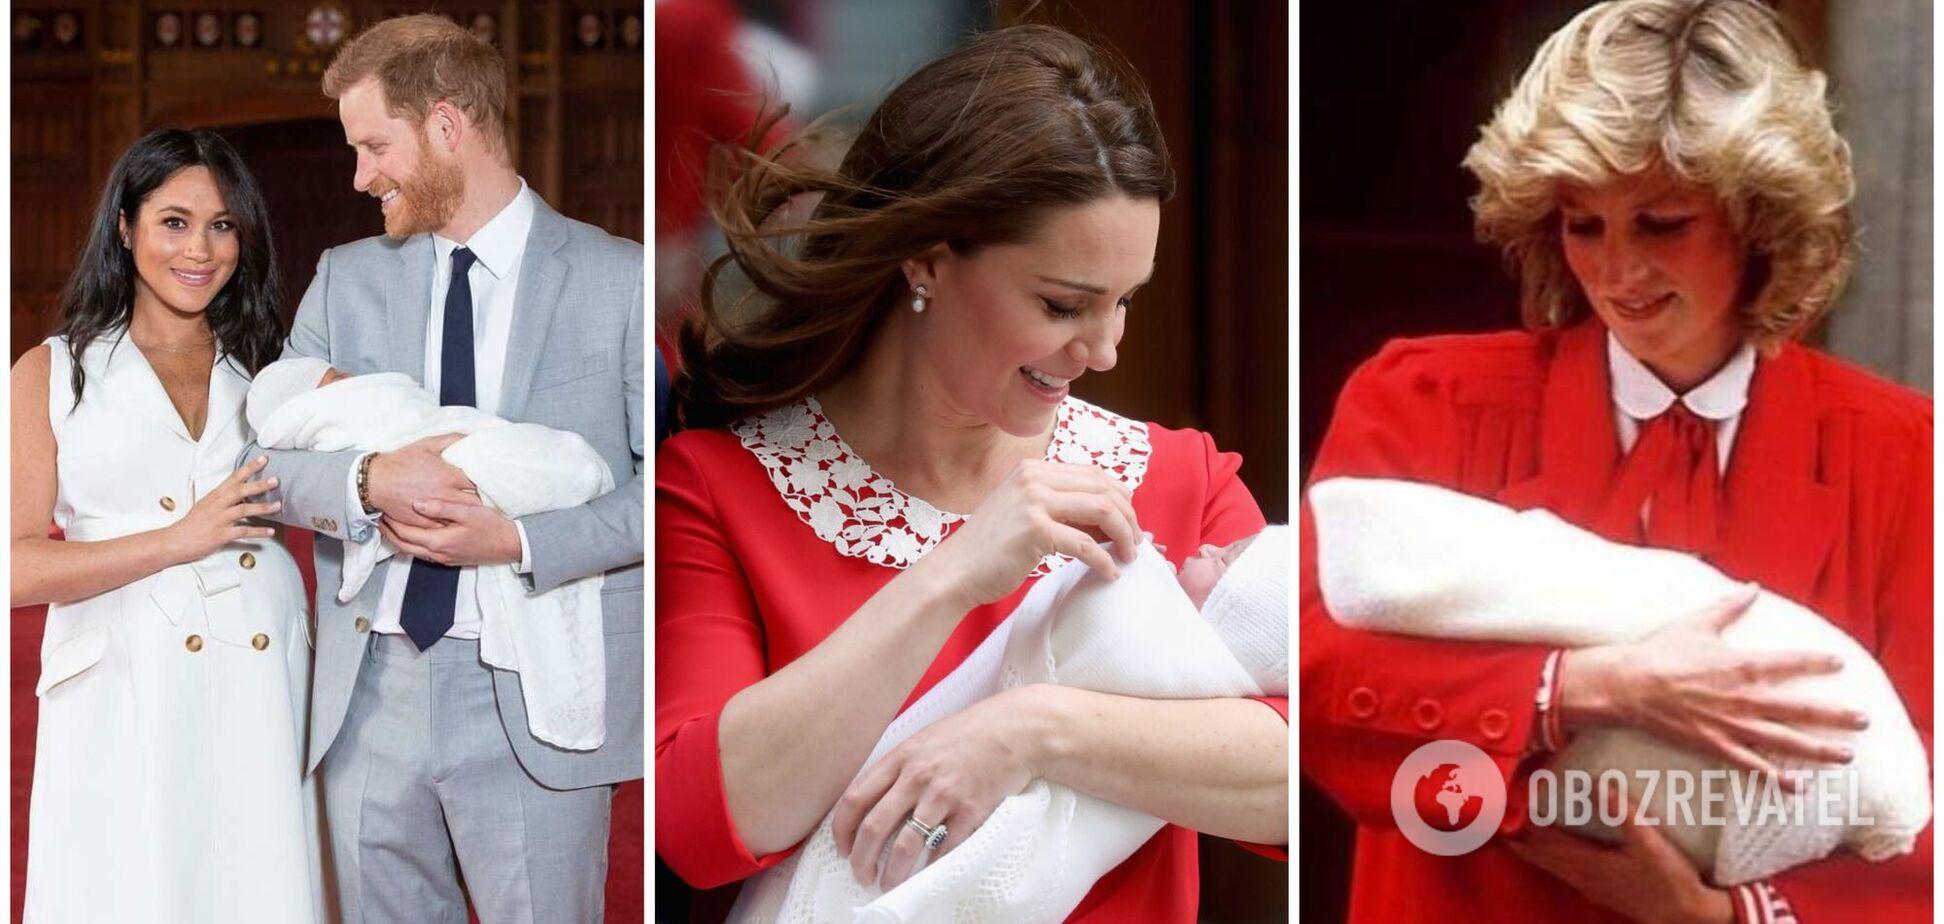 Как и где рожали Маркл, Елизавета II и принцесса Диана. Архивные фото